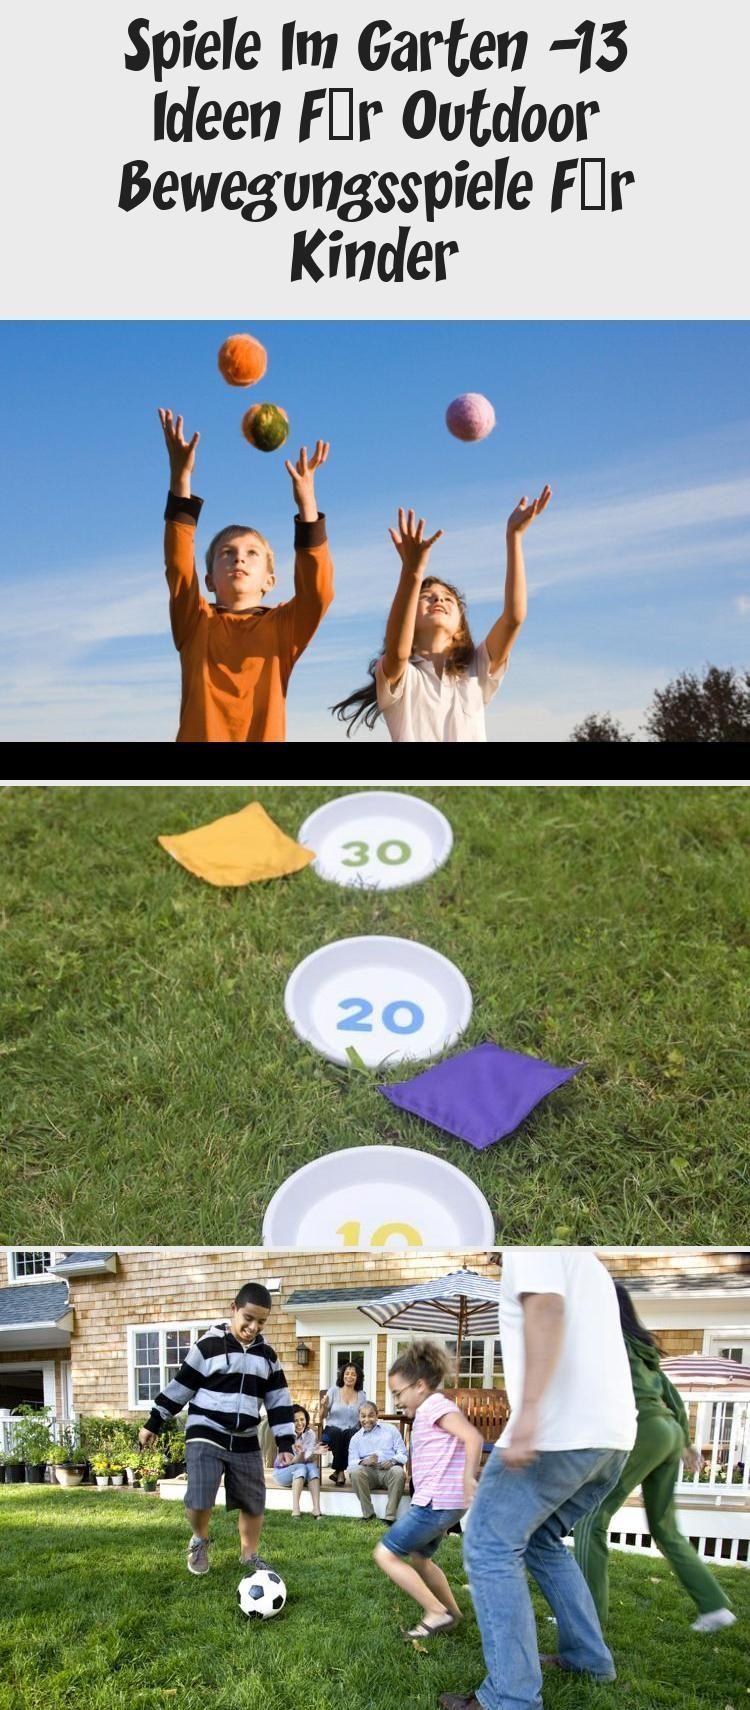 Spiele Im Garten 13 Ideen Fur Outdoor Ubungsspiele Fur Kinder Sandbox In 2020 Spiele Im Garten Spiele Kinderspielplatz